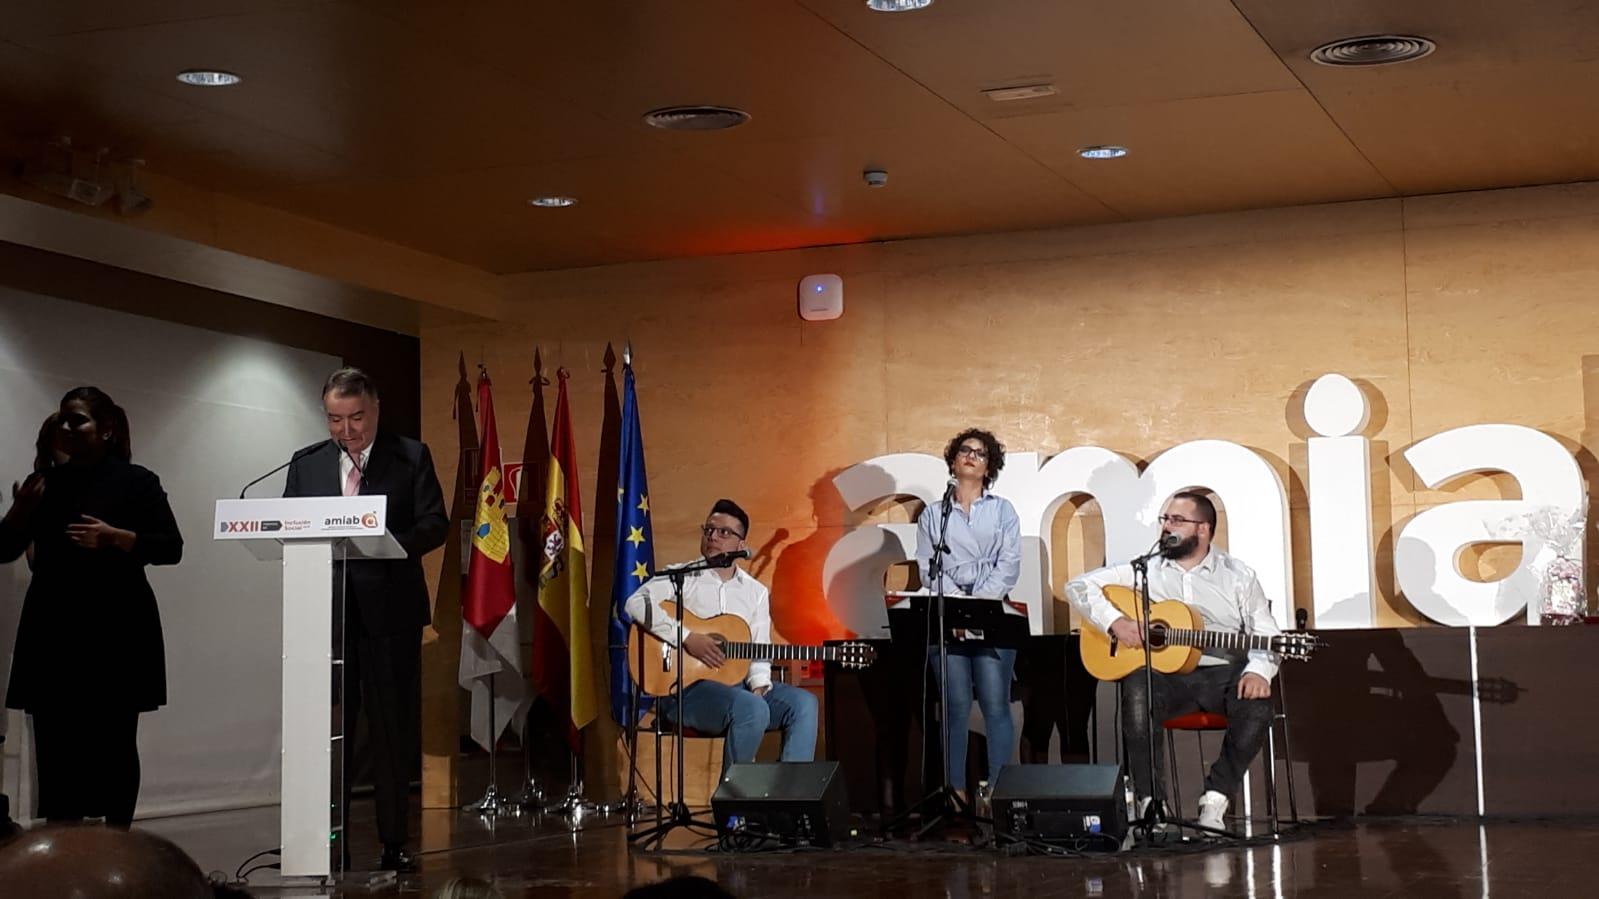 Nuestro presidente Luis Pérez Bermejo agradeciendo el premio otorgado por Amiab sobre sobre Recyclia por nuestro compromiso con la inclusión social y el reciclaje electrónico.